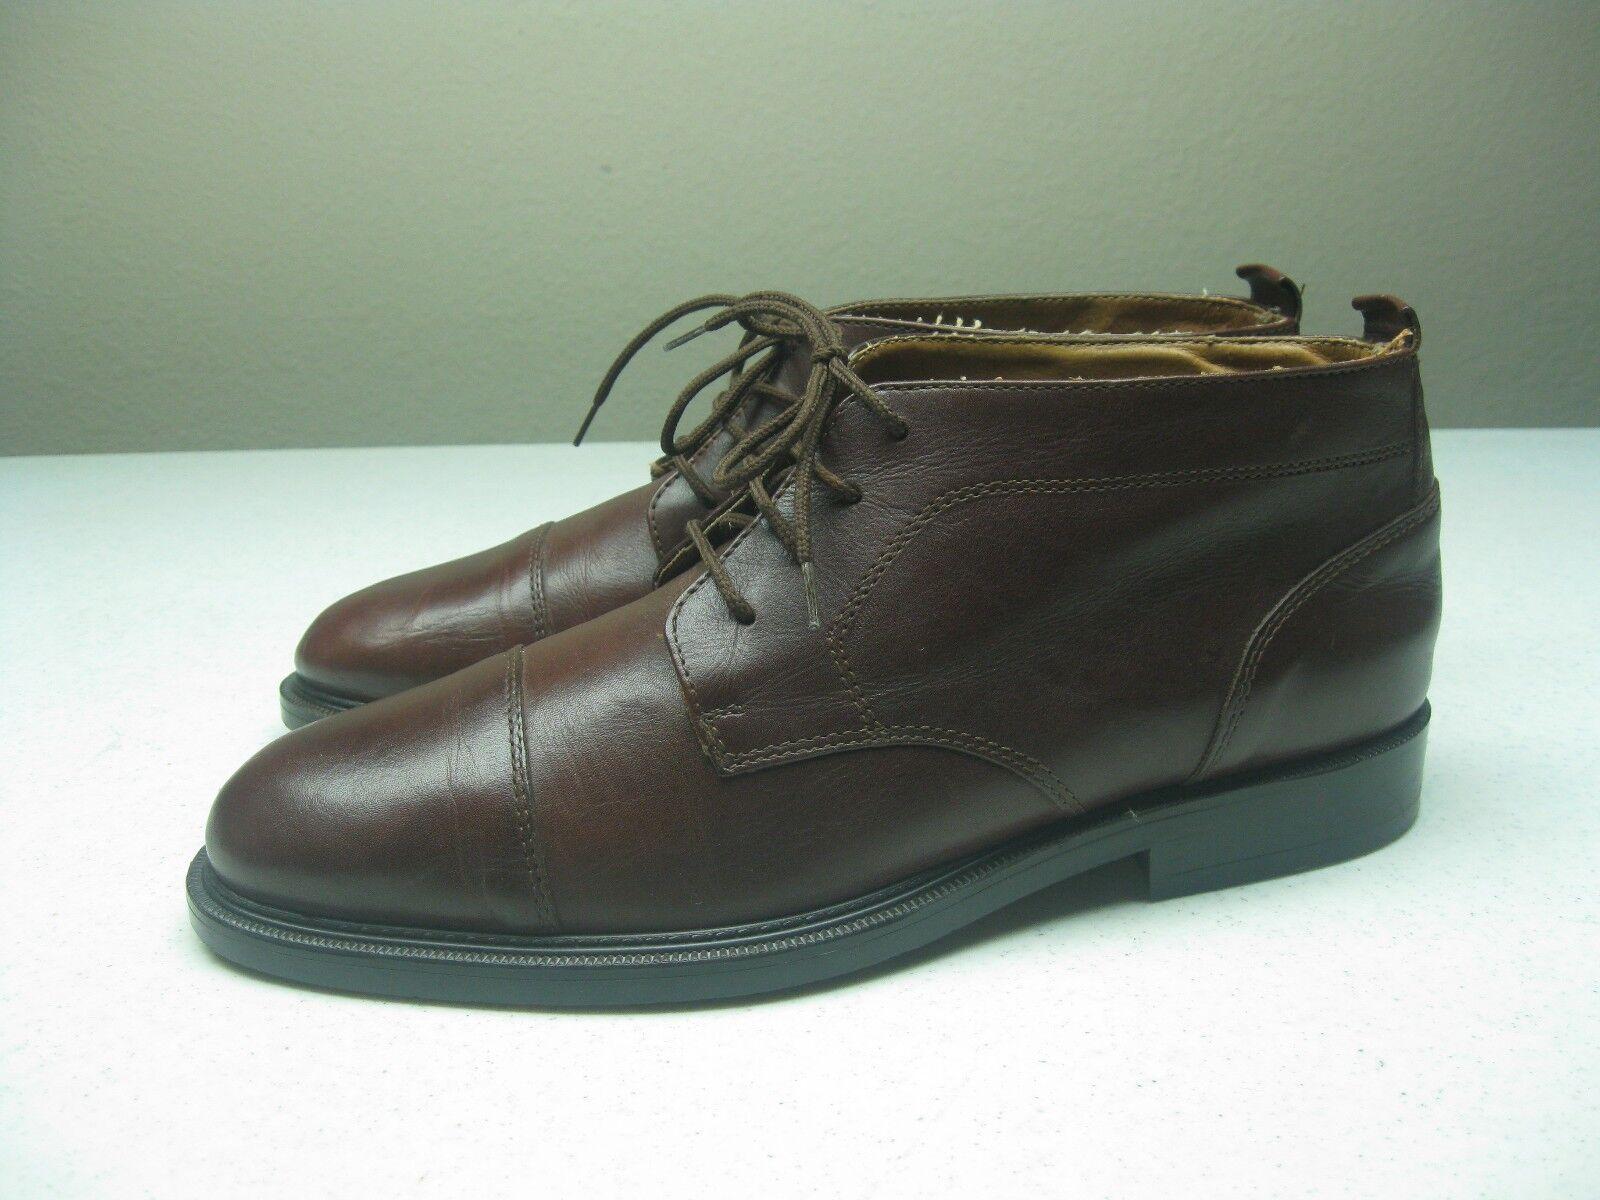 più sconto Vintage    GENERRA COLLECTION LEATHER DESIGNER Dress Casual CHUKKA stivali Uomo 9 D  comprare a buon mercato